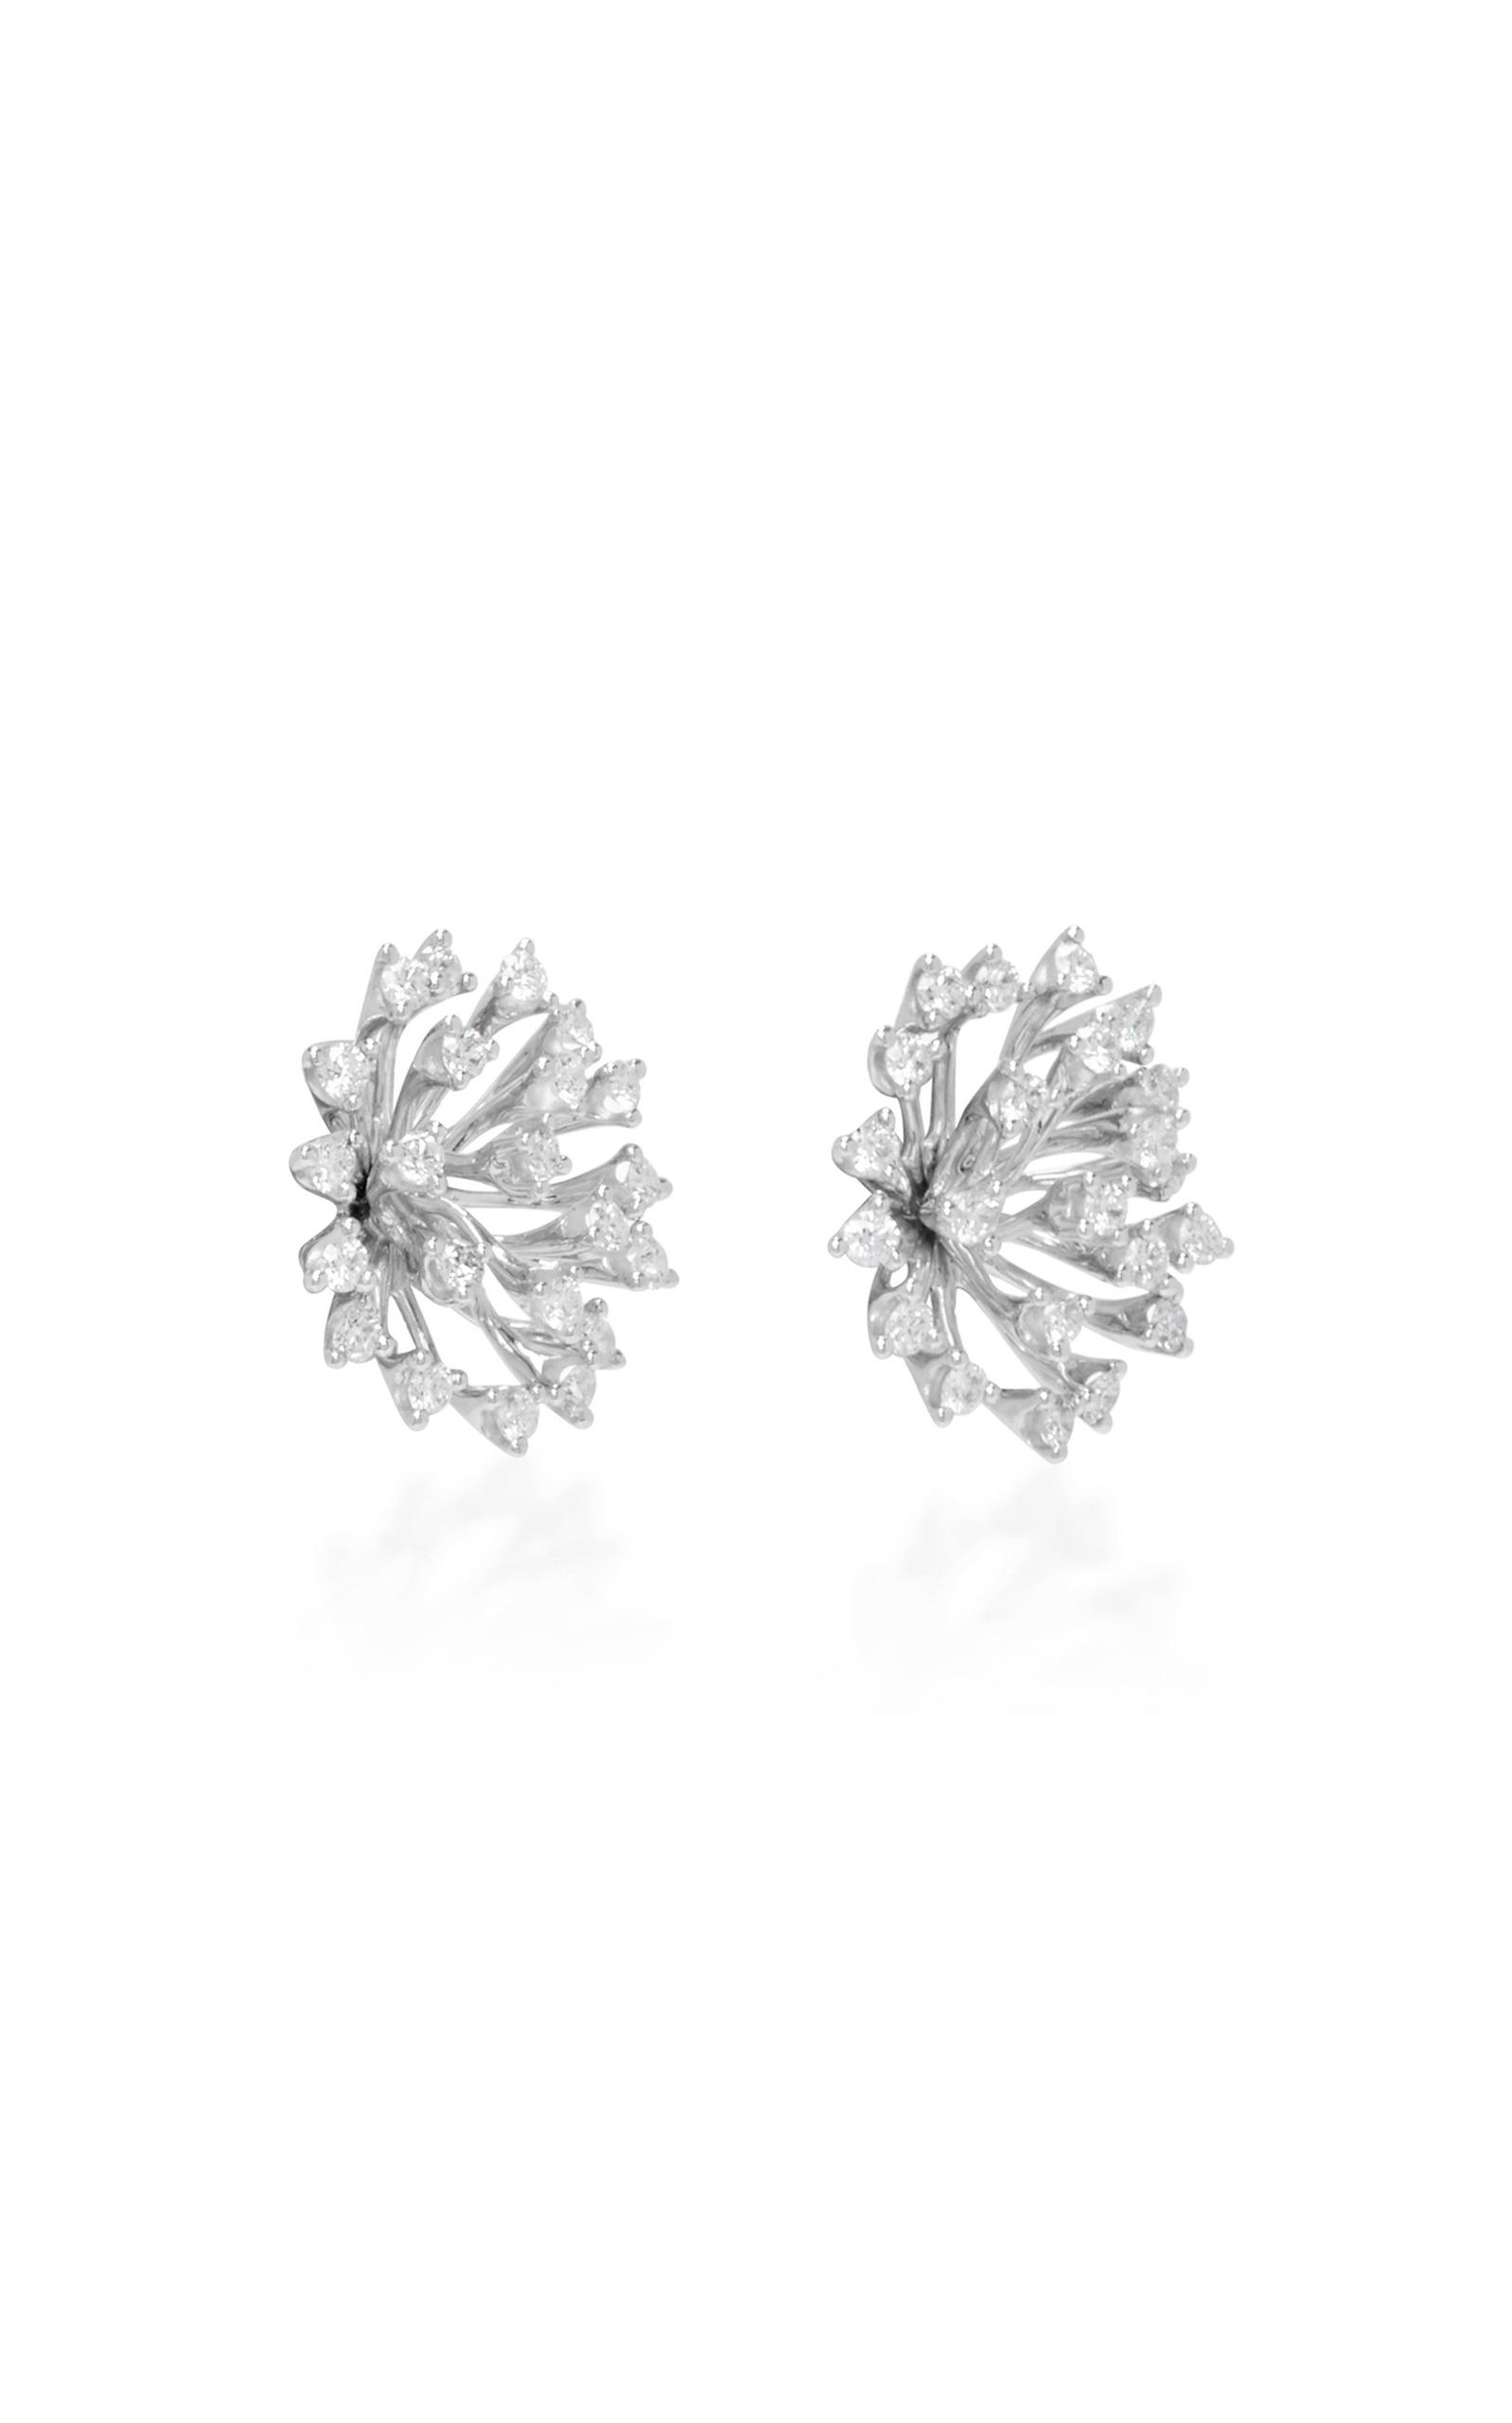 Luminus White Diamond Stud Earrings Hueb fVBGp2